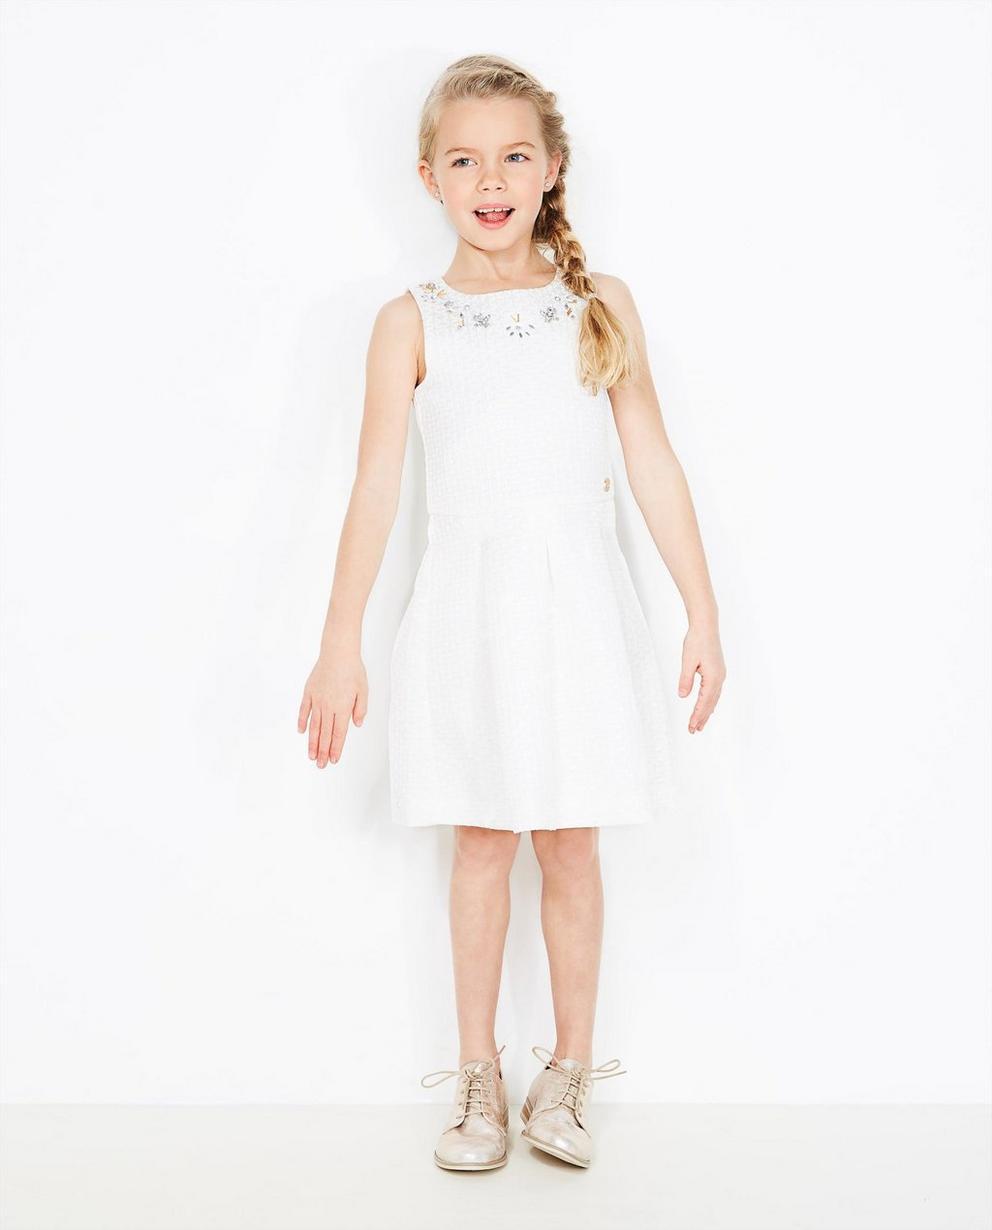 Cremeweißes Kleid - mit verziertem Hals - JBC